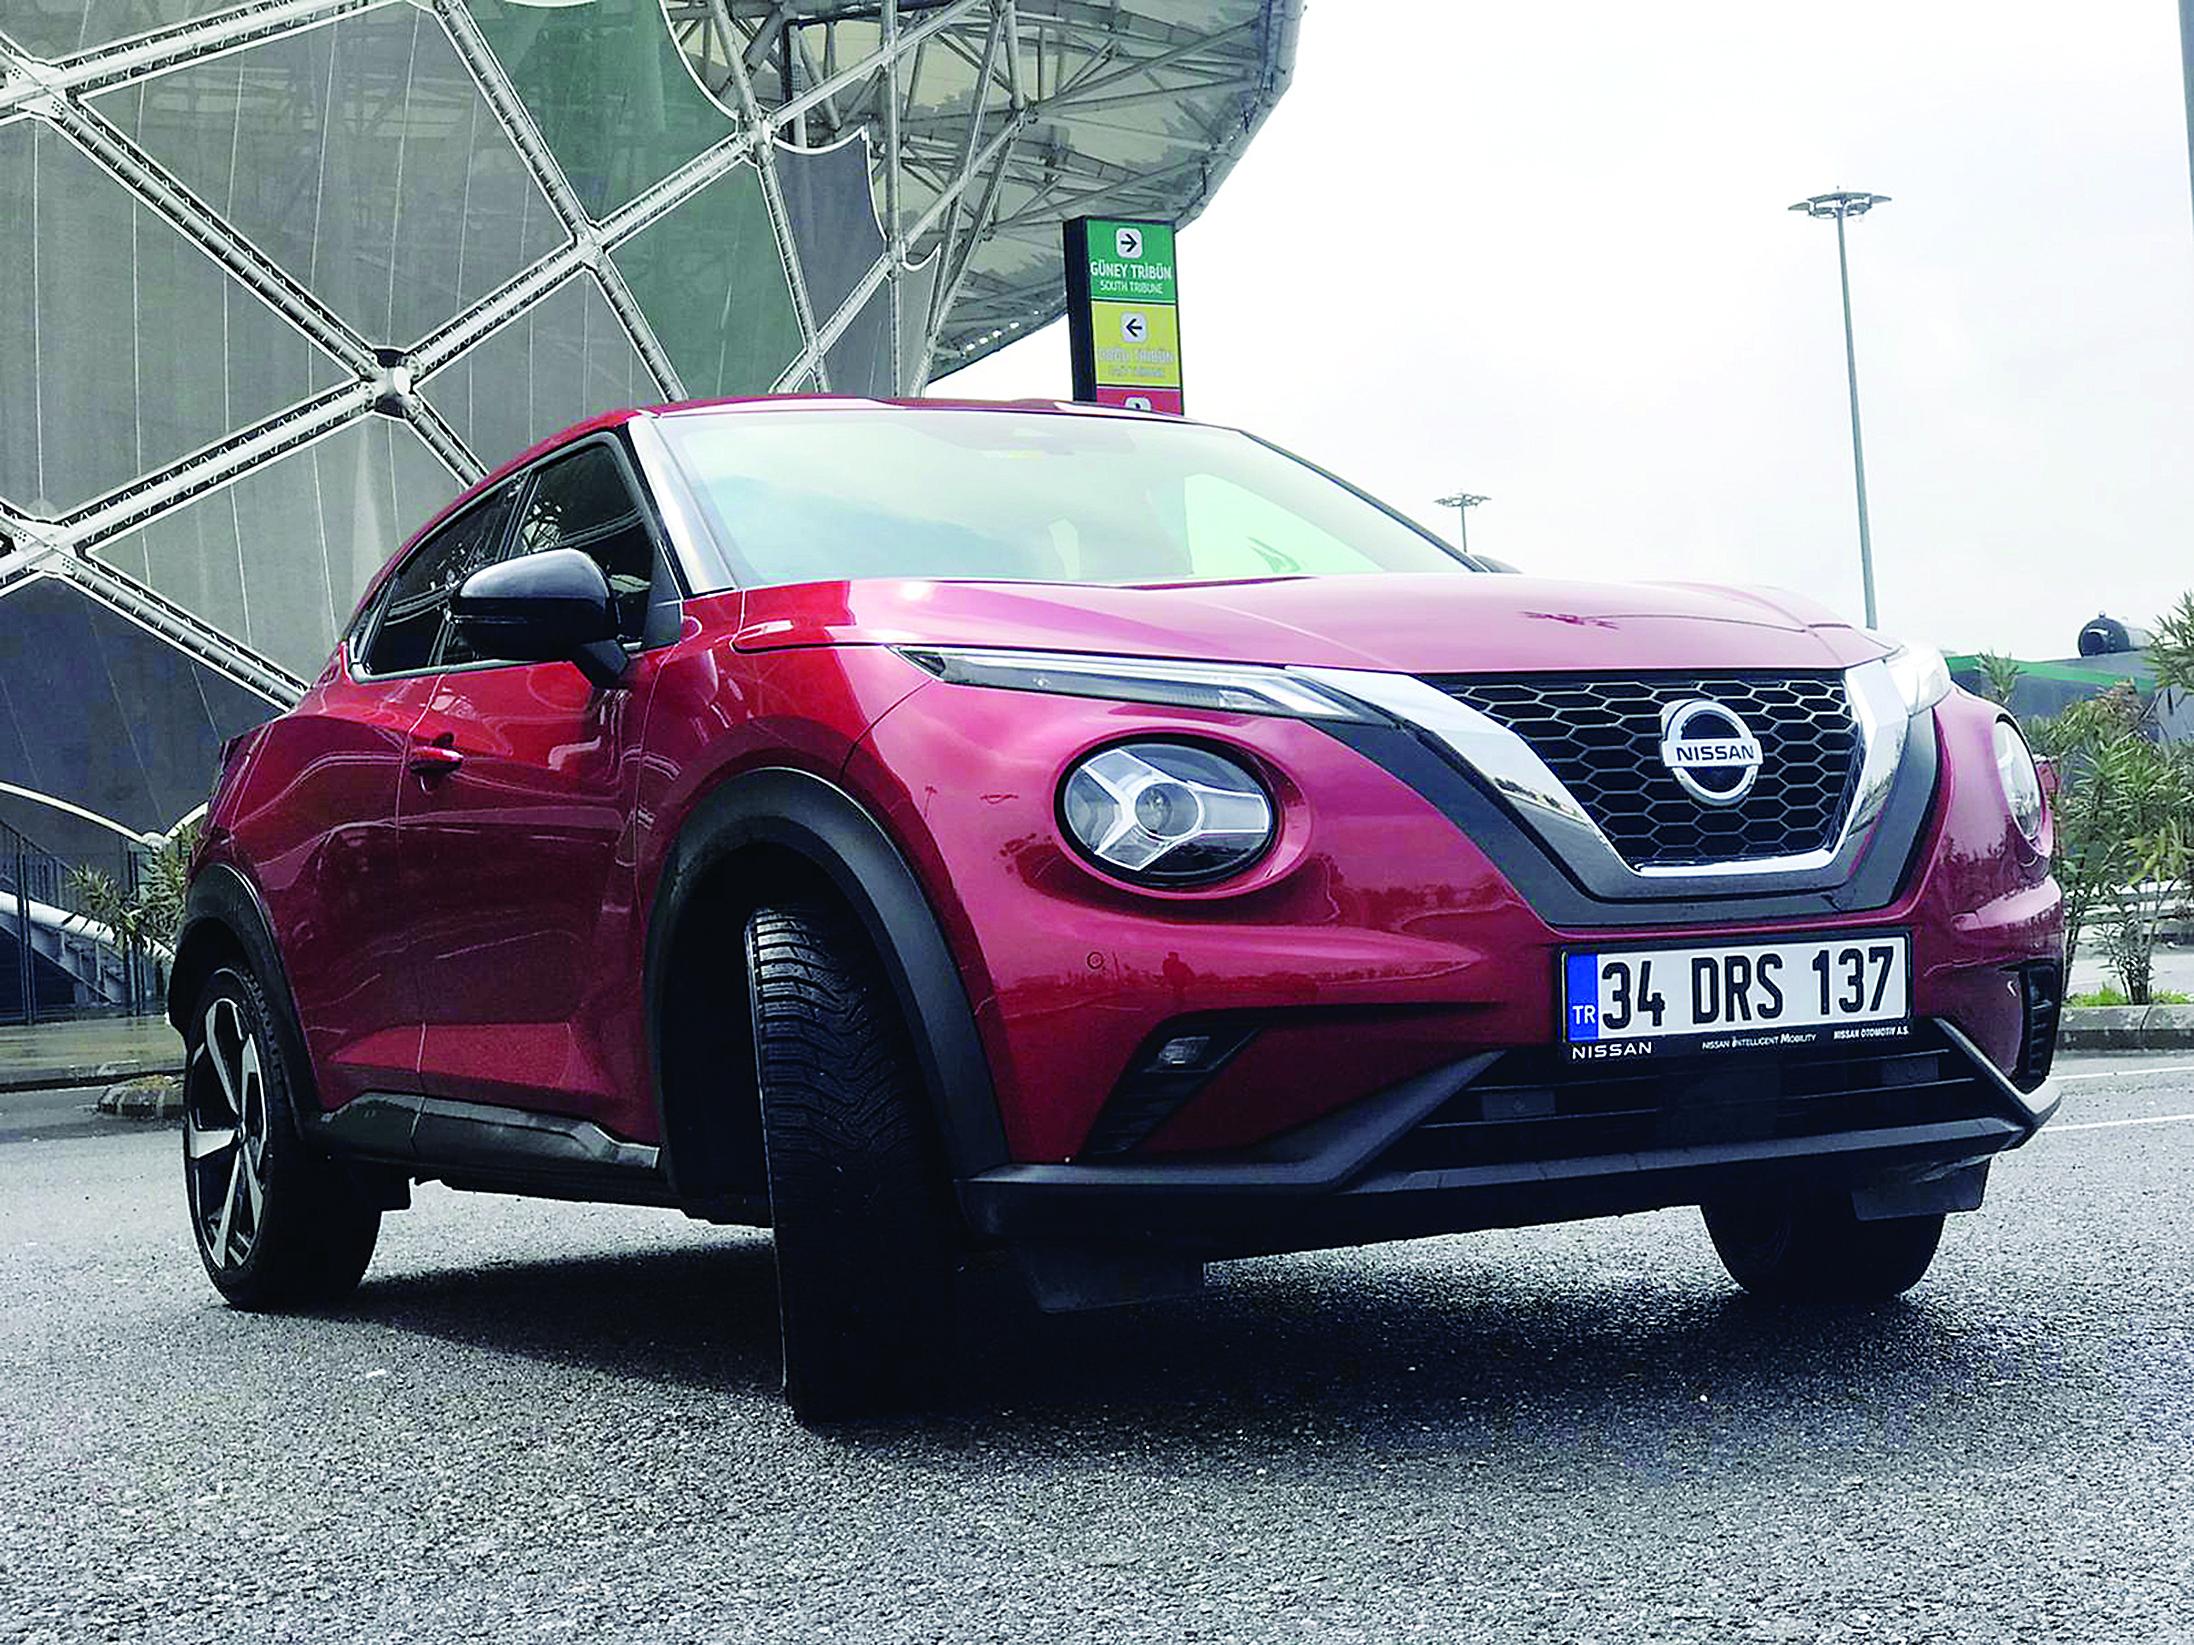 Nissan Juke kimlere hitap ediyor?